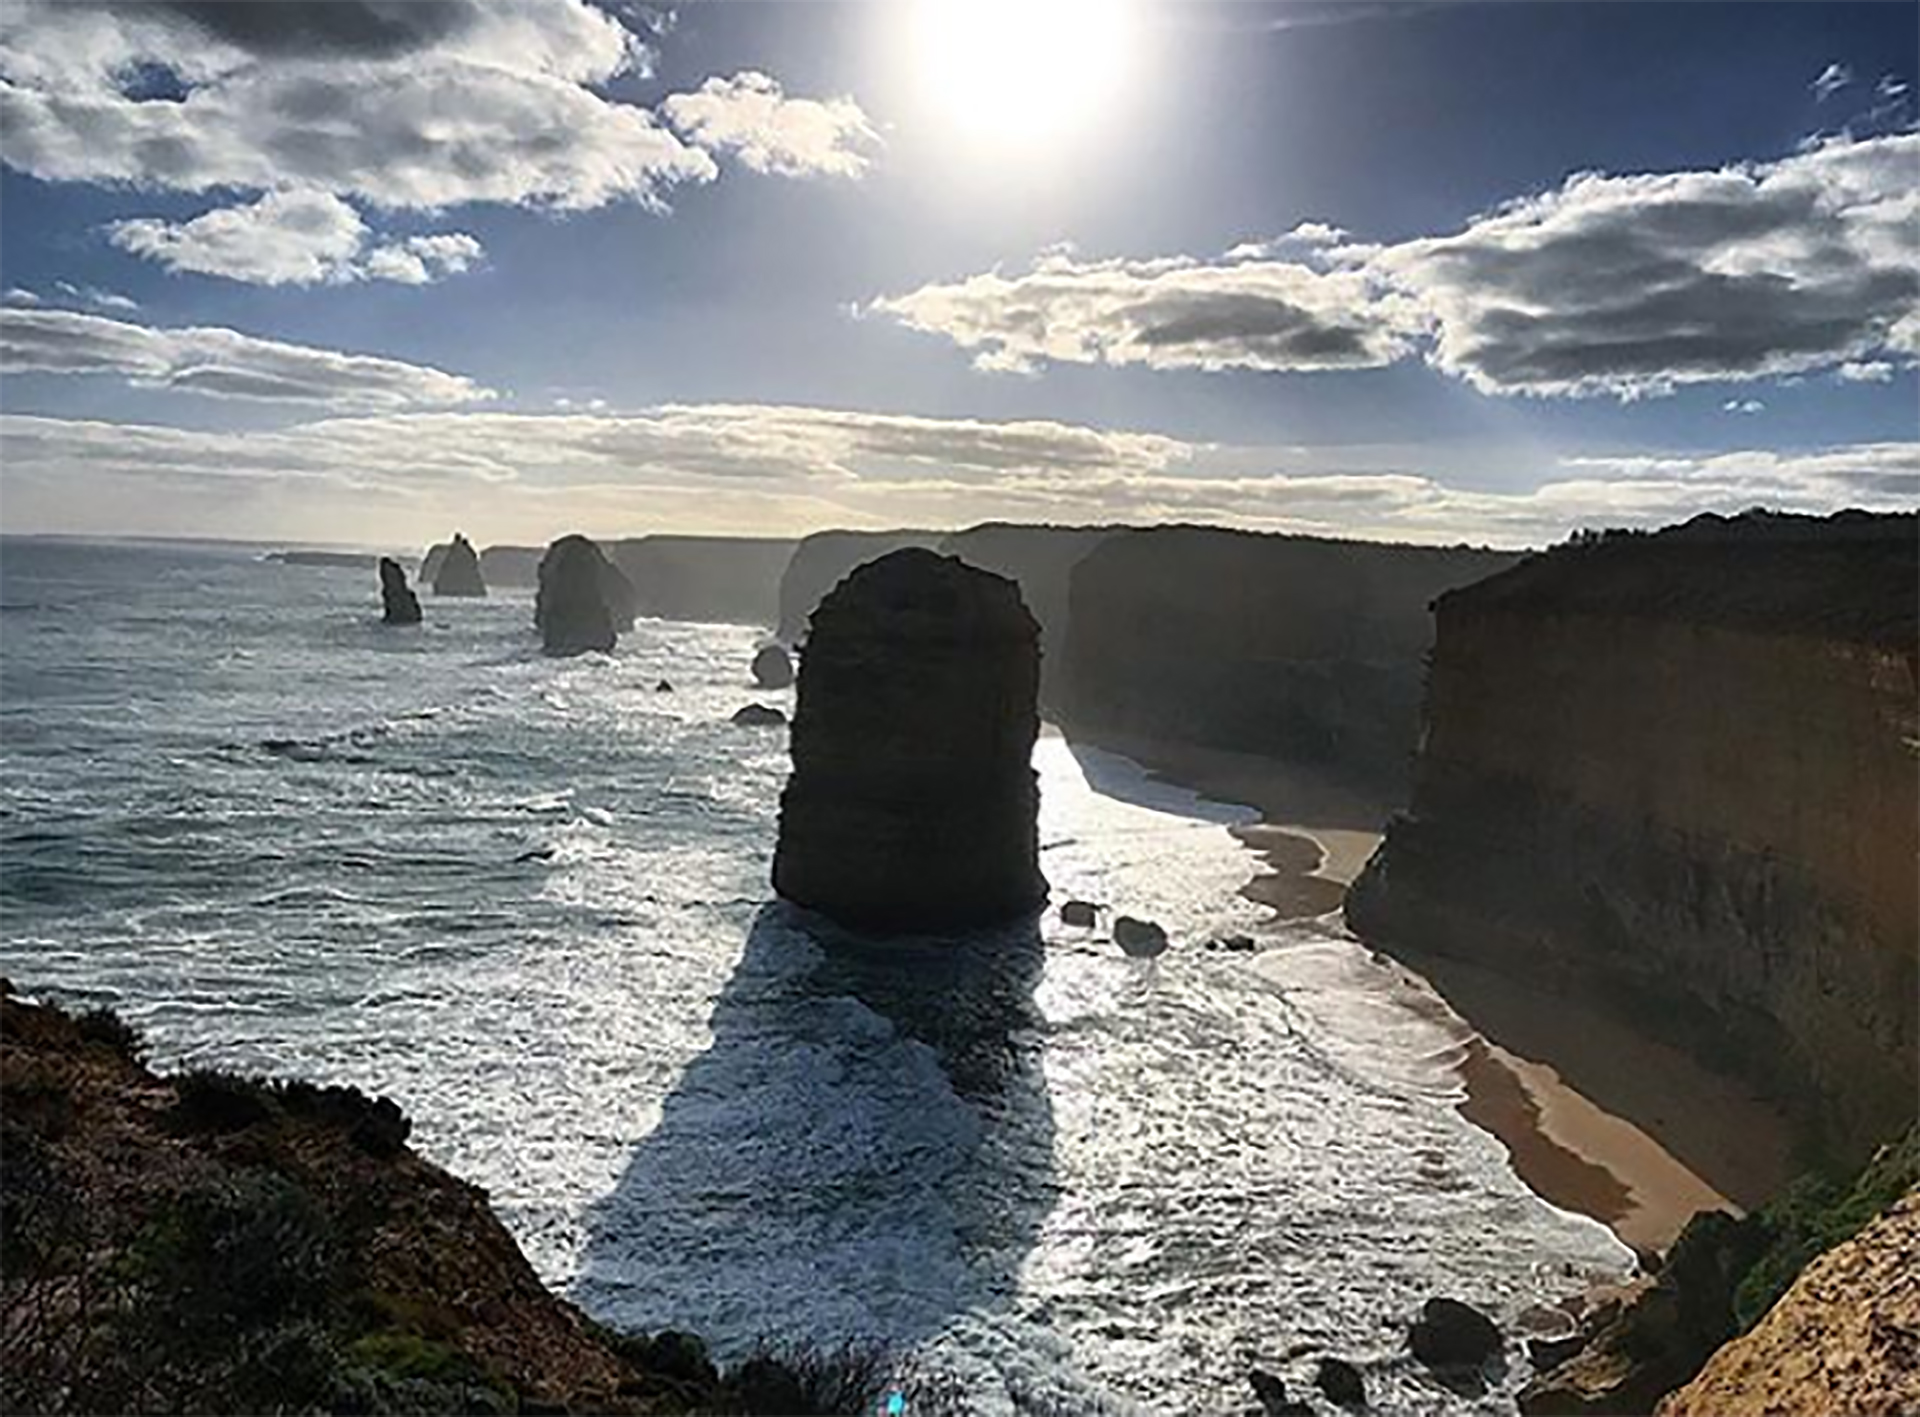 Los 12 apóstoles son un agrupamiento de imponentes piedras rocas en el océano(@hotdudu)